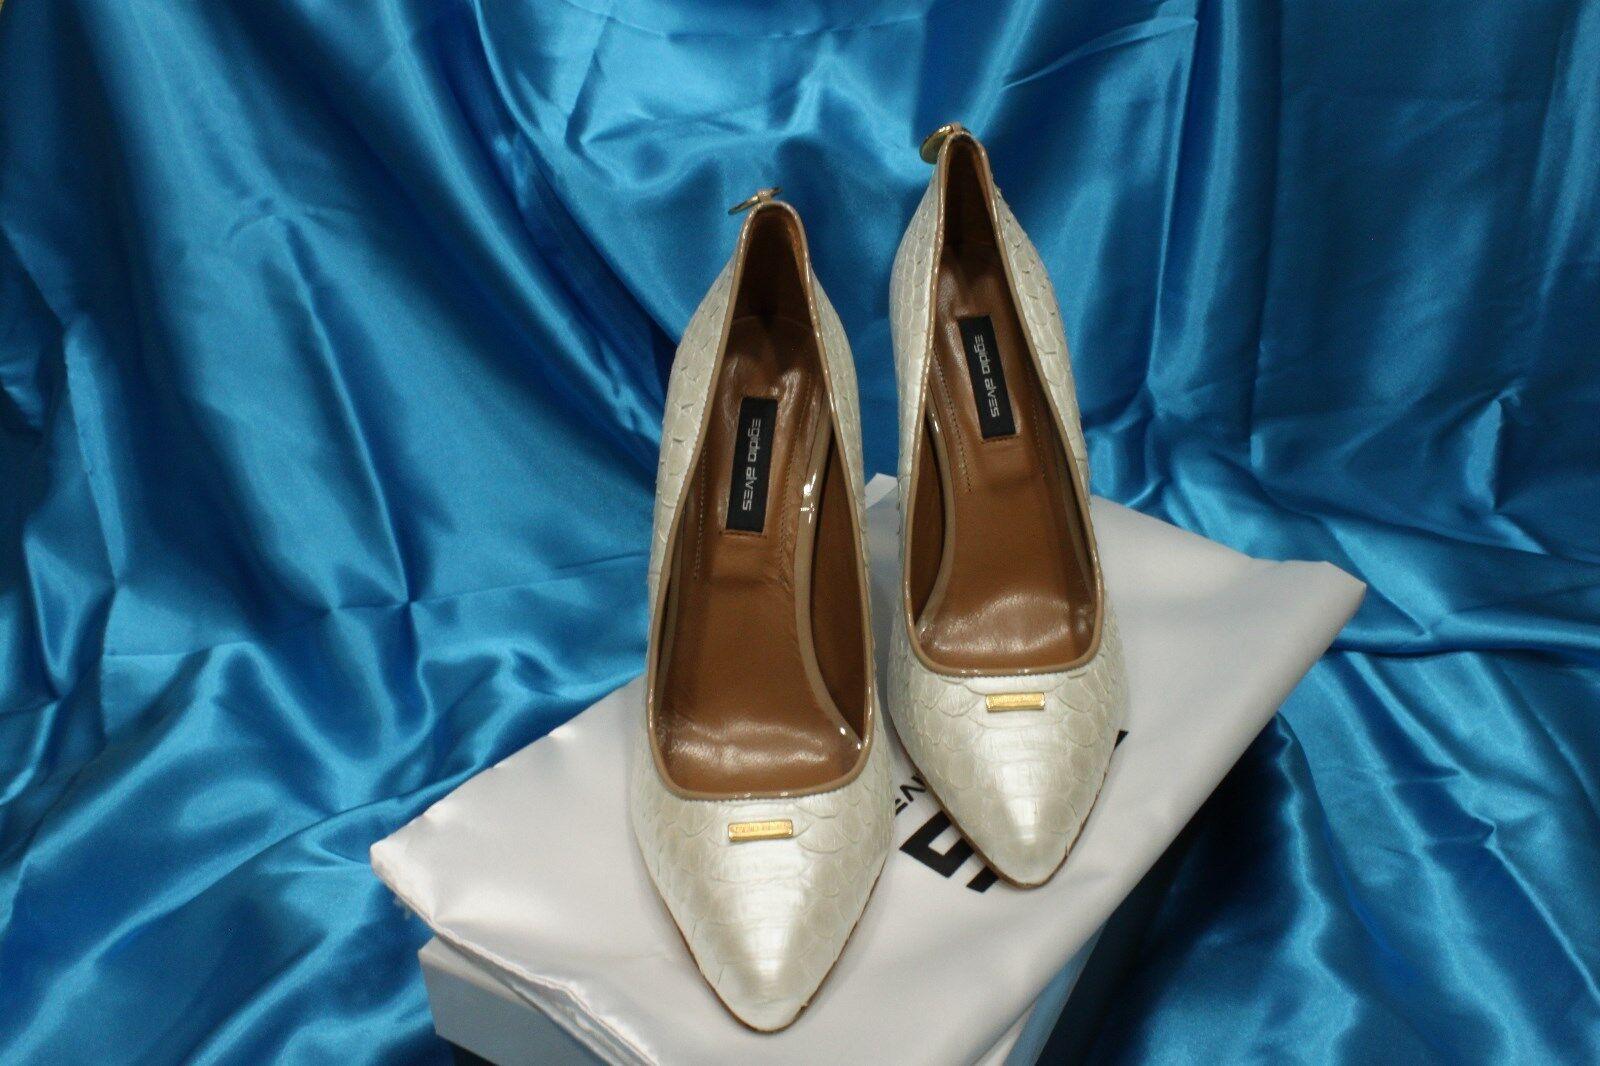 Zapatos de cuero por Egidio Egidio Egidio Alves UE tamaño 38,39 Natural blancoo Perla Piel de pitón  barato